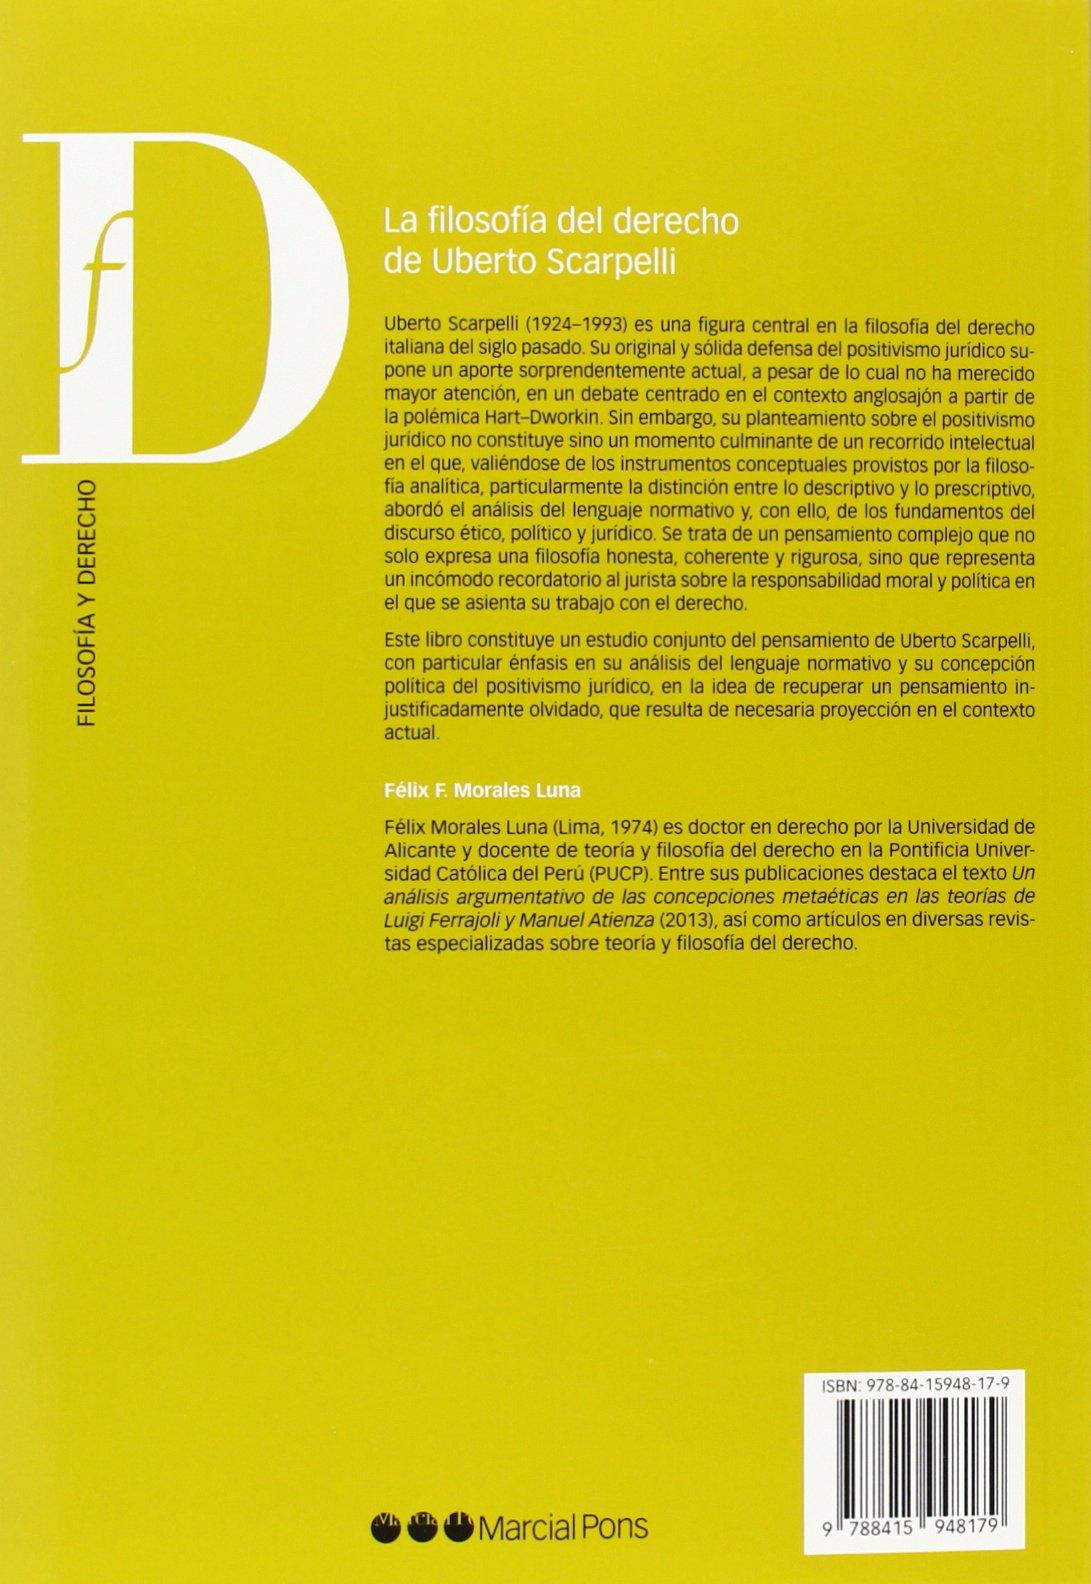 LA FILOSOFIA DEL DERECHO DE UBERTO SCARPELLI: ANALISIS DEL LENGUA JE NORMATIVO Y POSITIVISMO JURIDICO: FELIX F. MORALES LUNA: 9788415948179: Amazon.com: ...